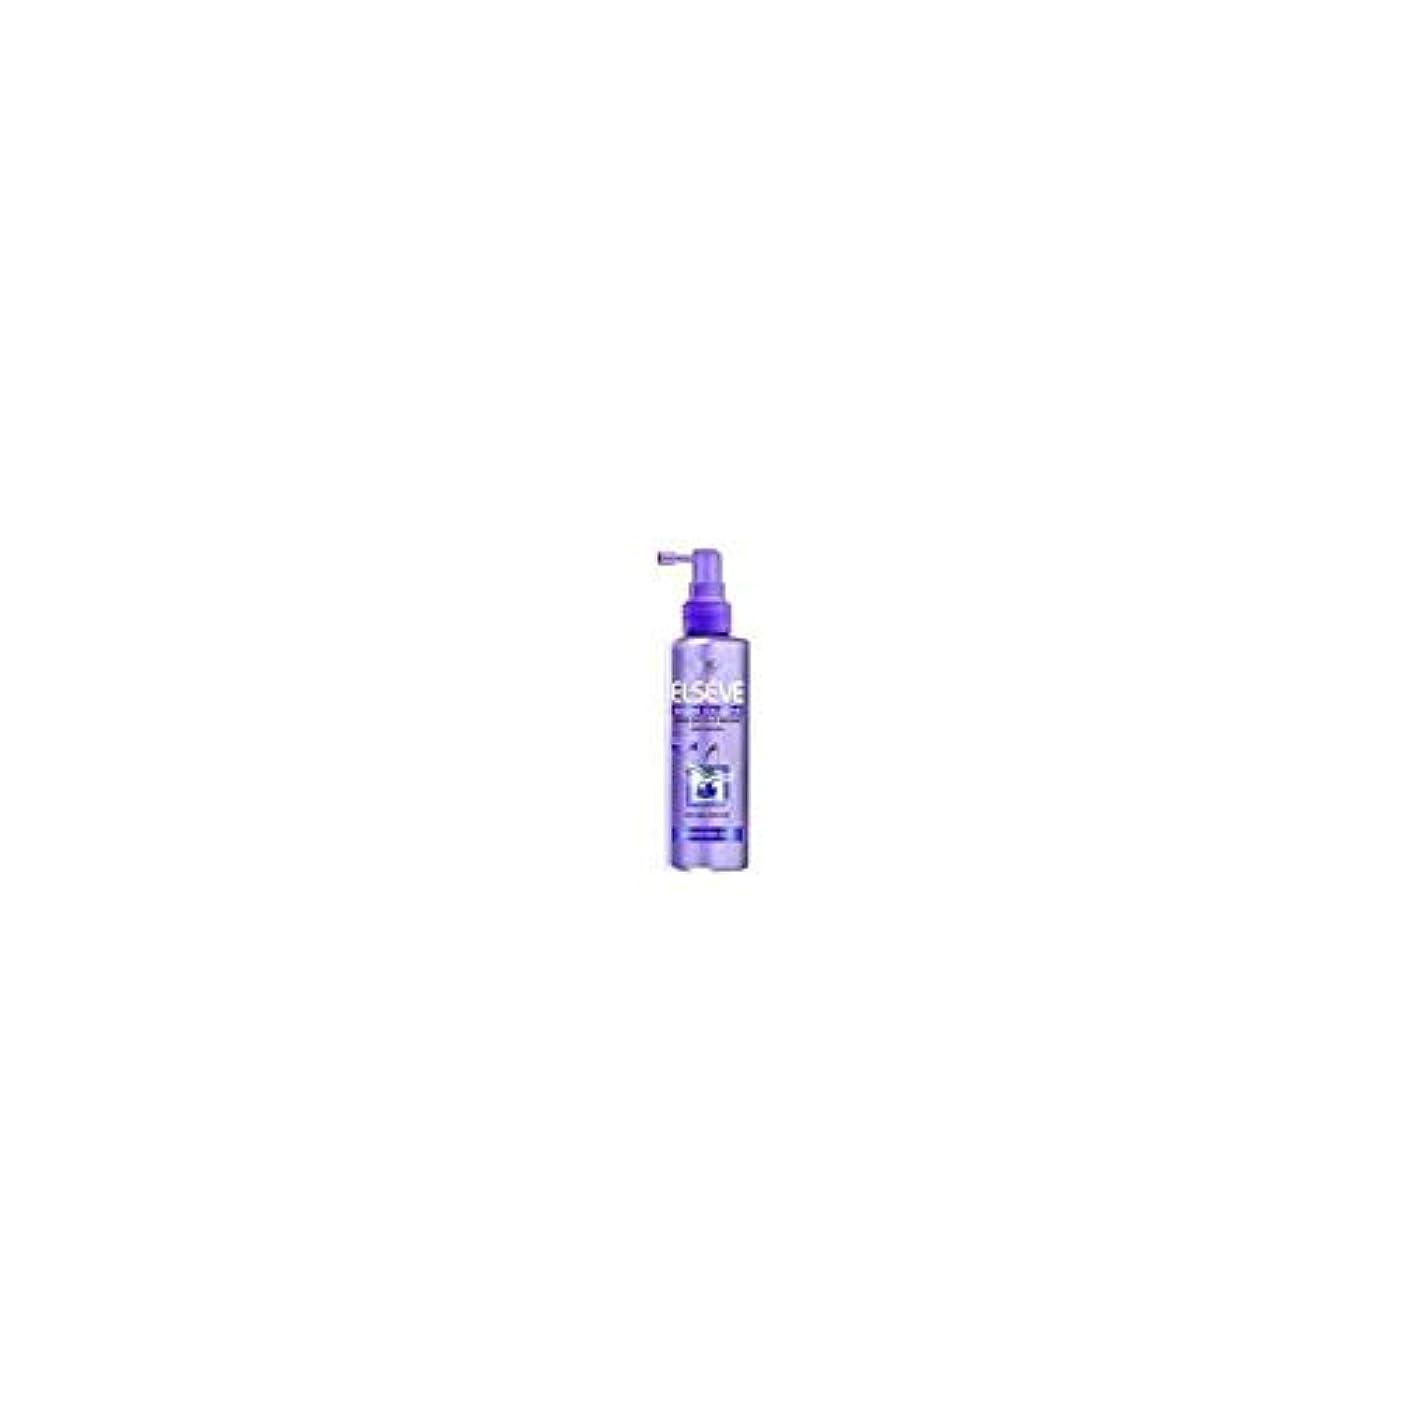 欠席離れた描写ELSEVE - Spray décolle racines - Volume collagene 200ml